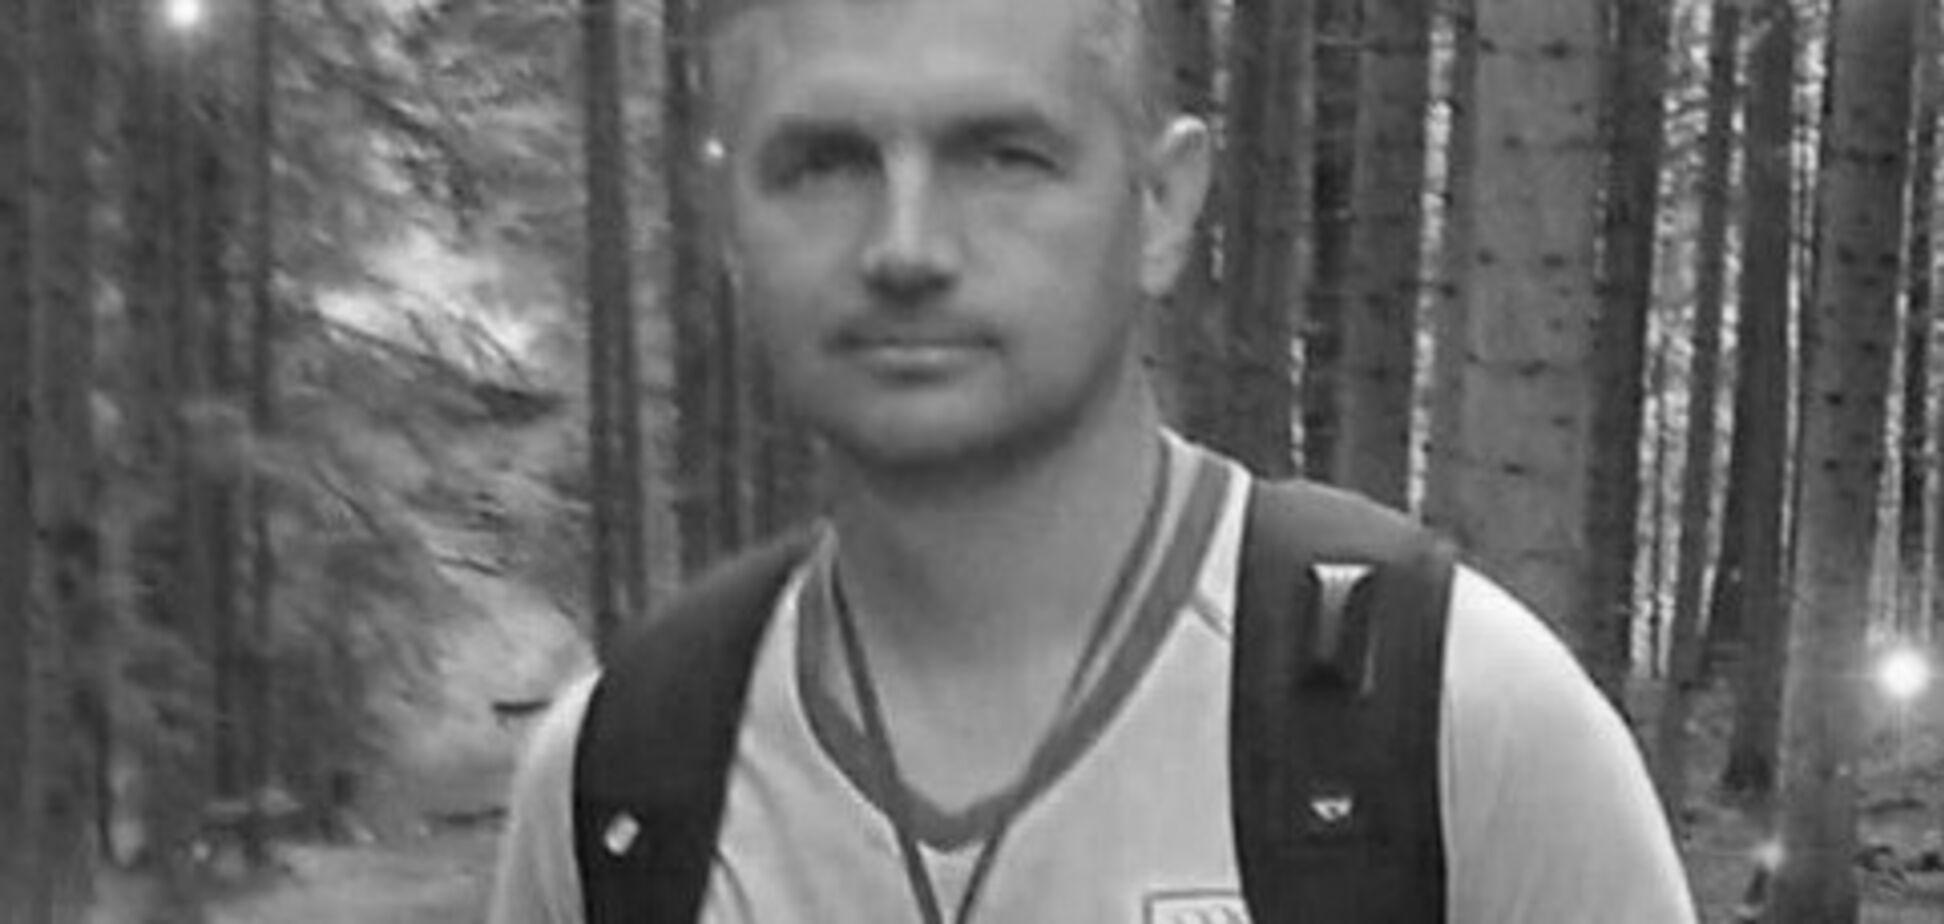 Безглузда смерть: заступник мера Кам'янського загинув через каналізацію